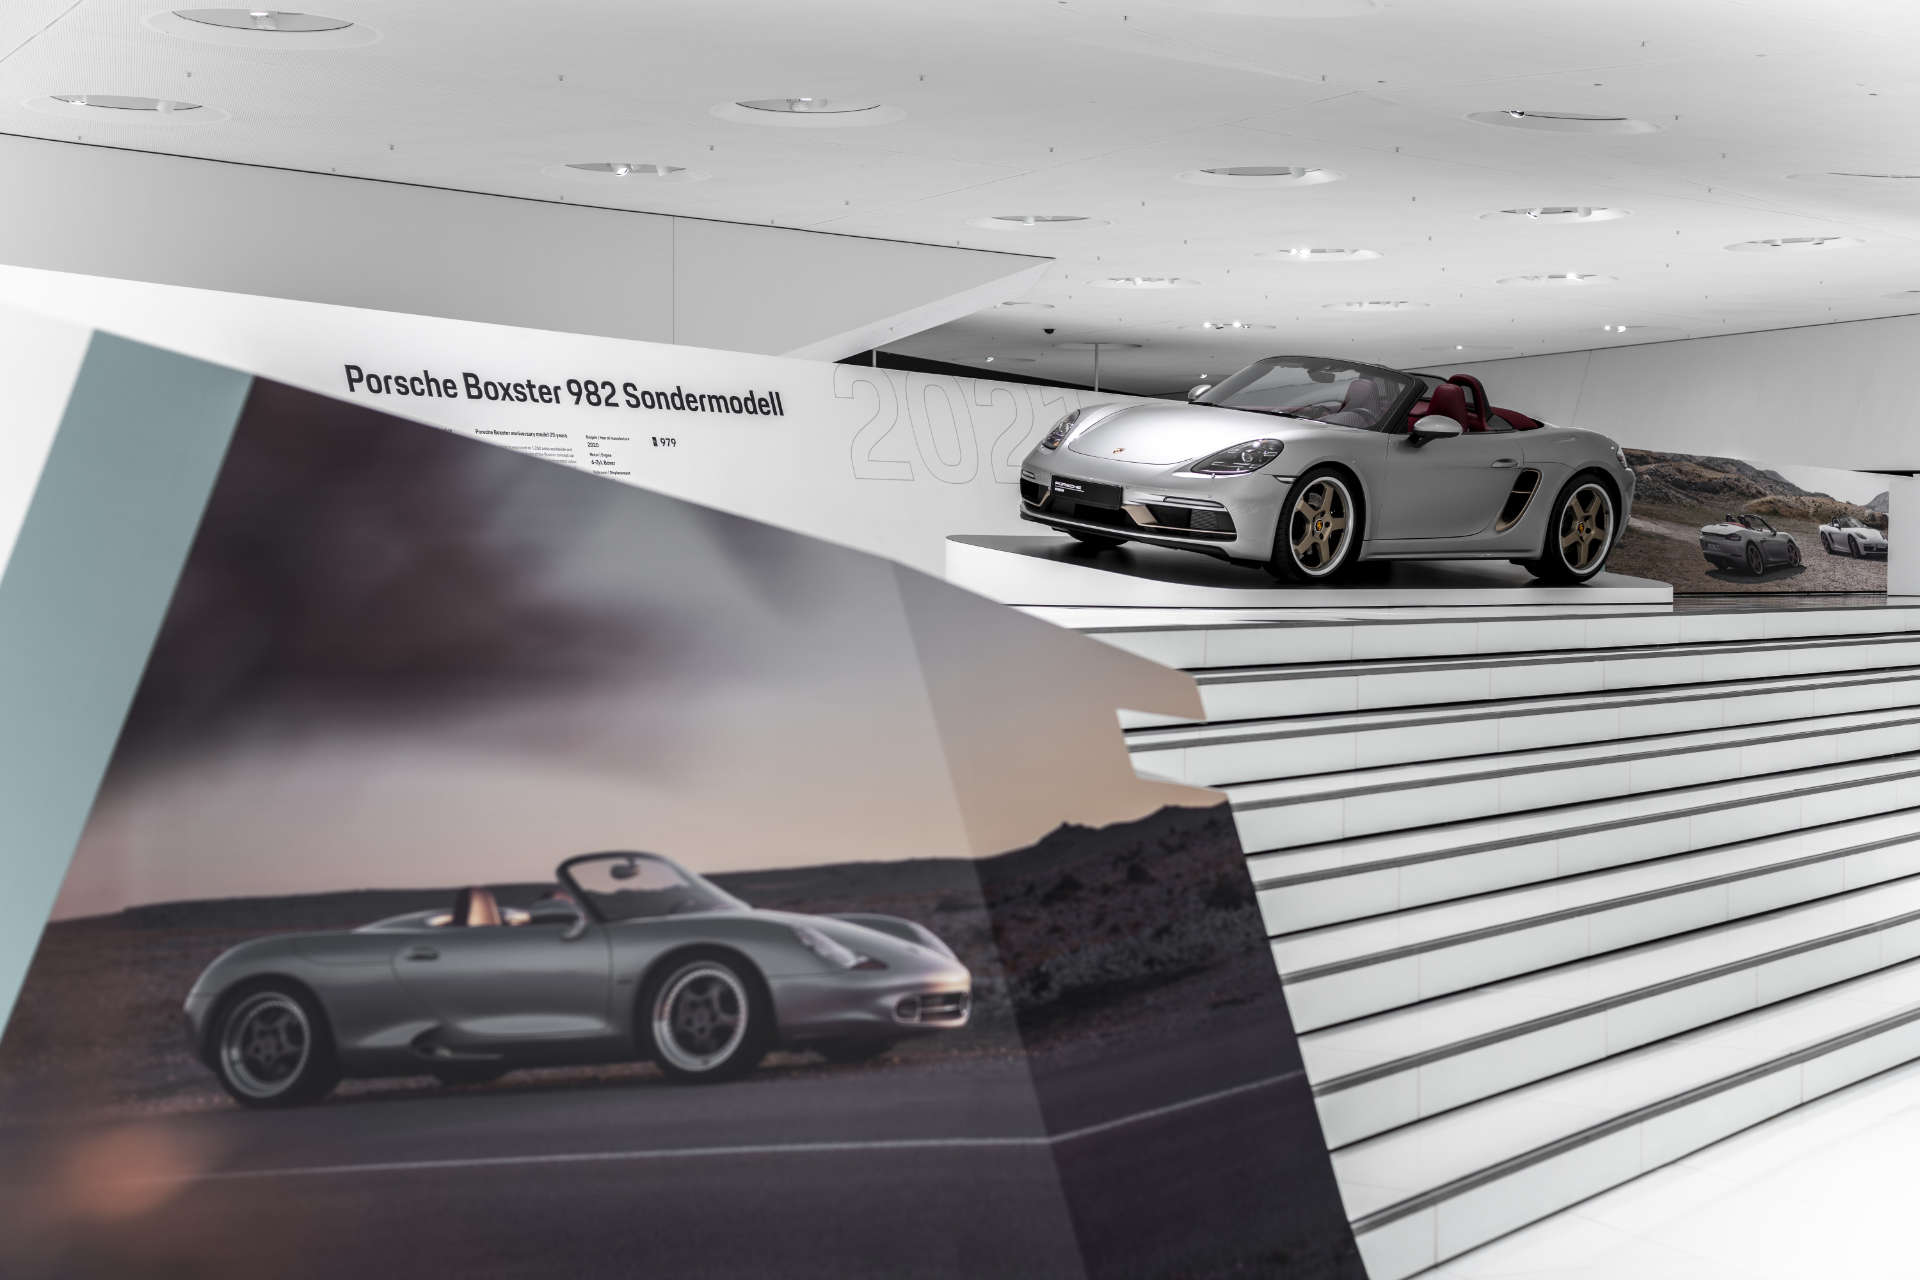 Porsche Museum 25 Jahre Boxster 982 Sondermodell